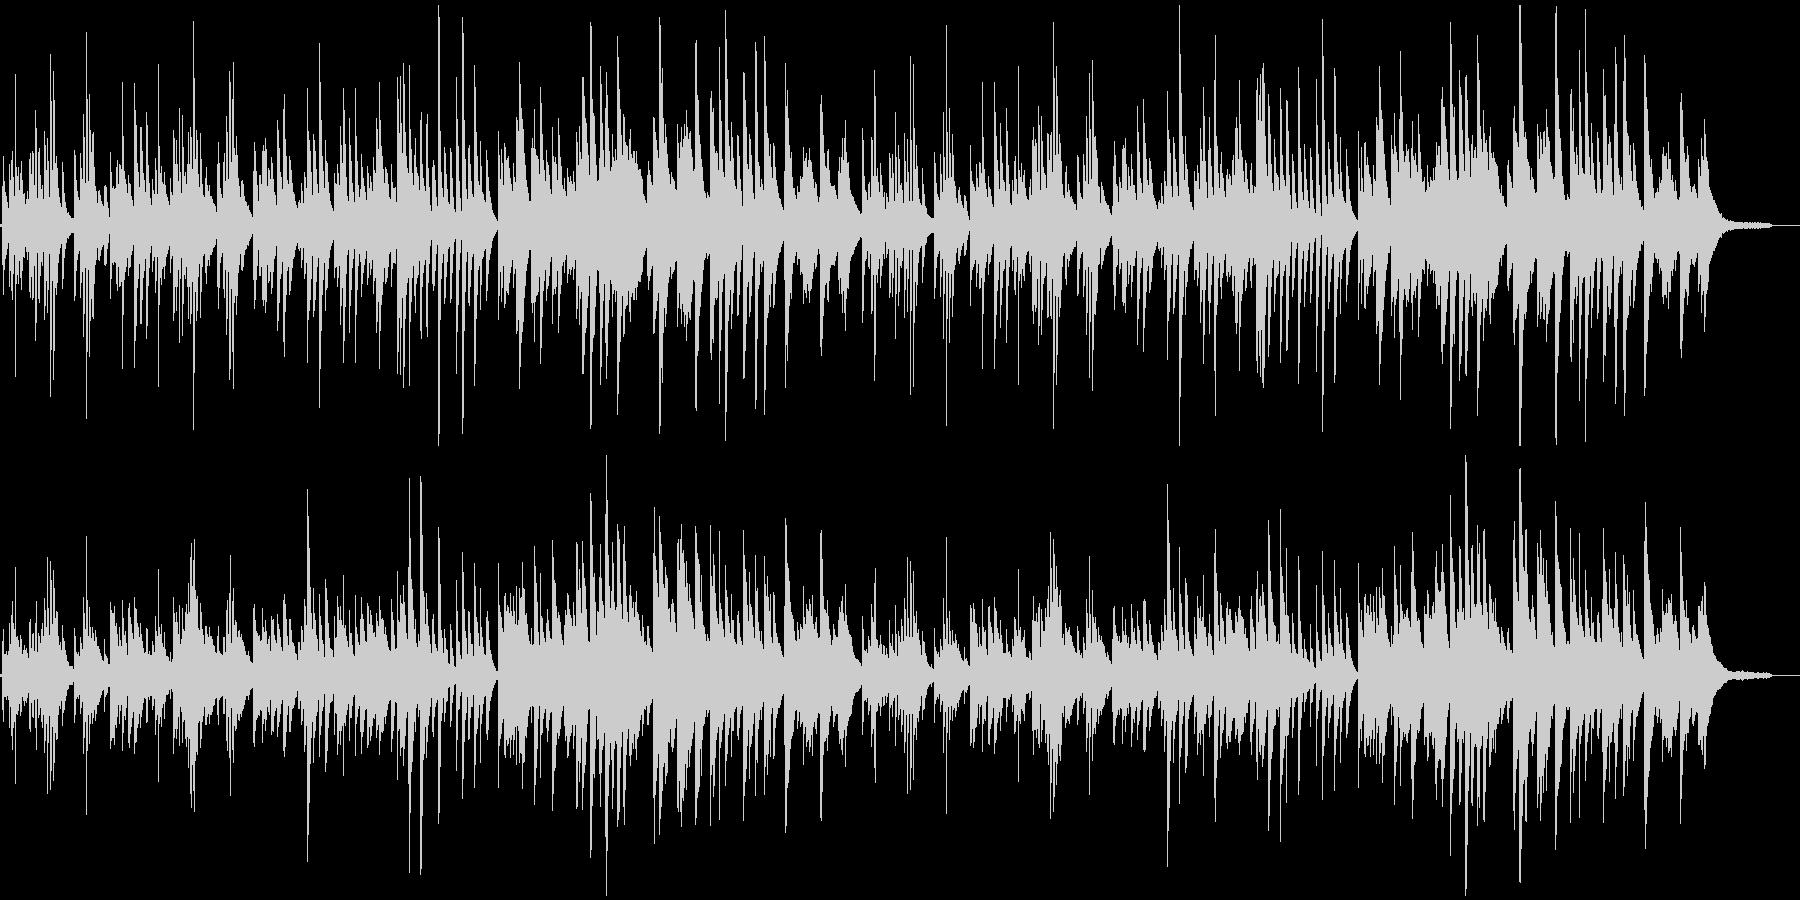 やさしい3拍子のピアノ曲の未再生の波形